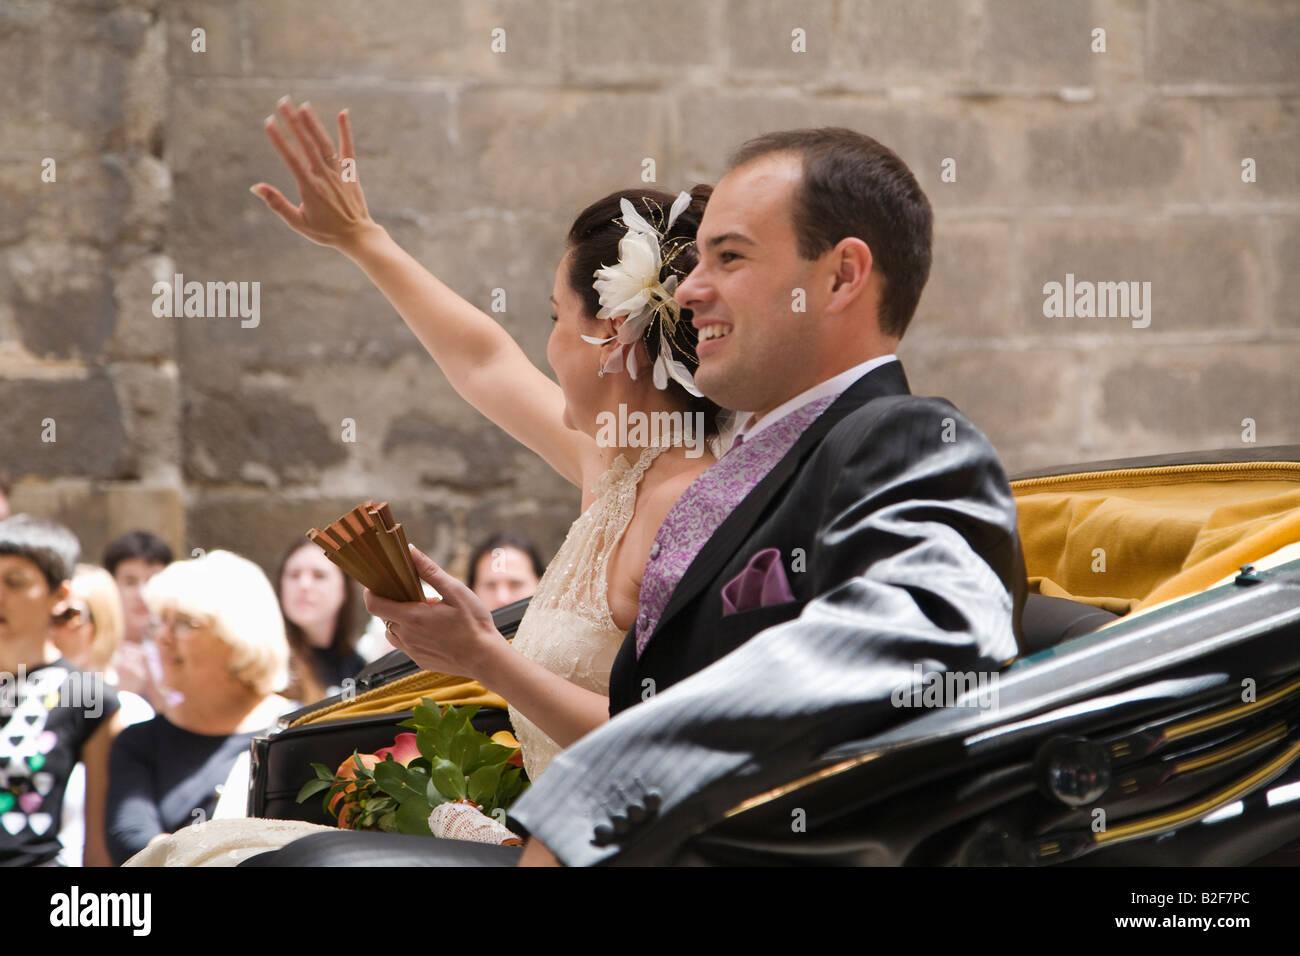 Spagna Toledo sposa e lo sposo nel retro del carro trainato da cavalli lasciare la chiesa e corteo lungo una strada Immagini Stock